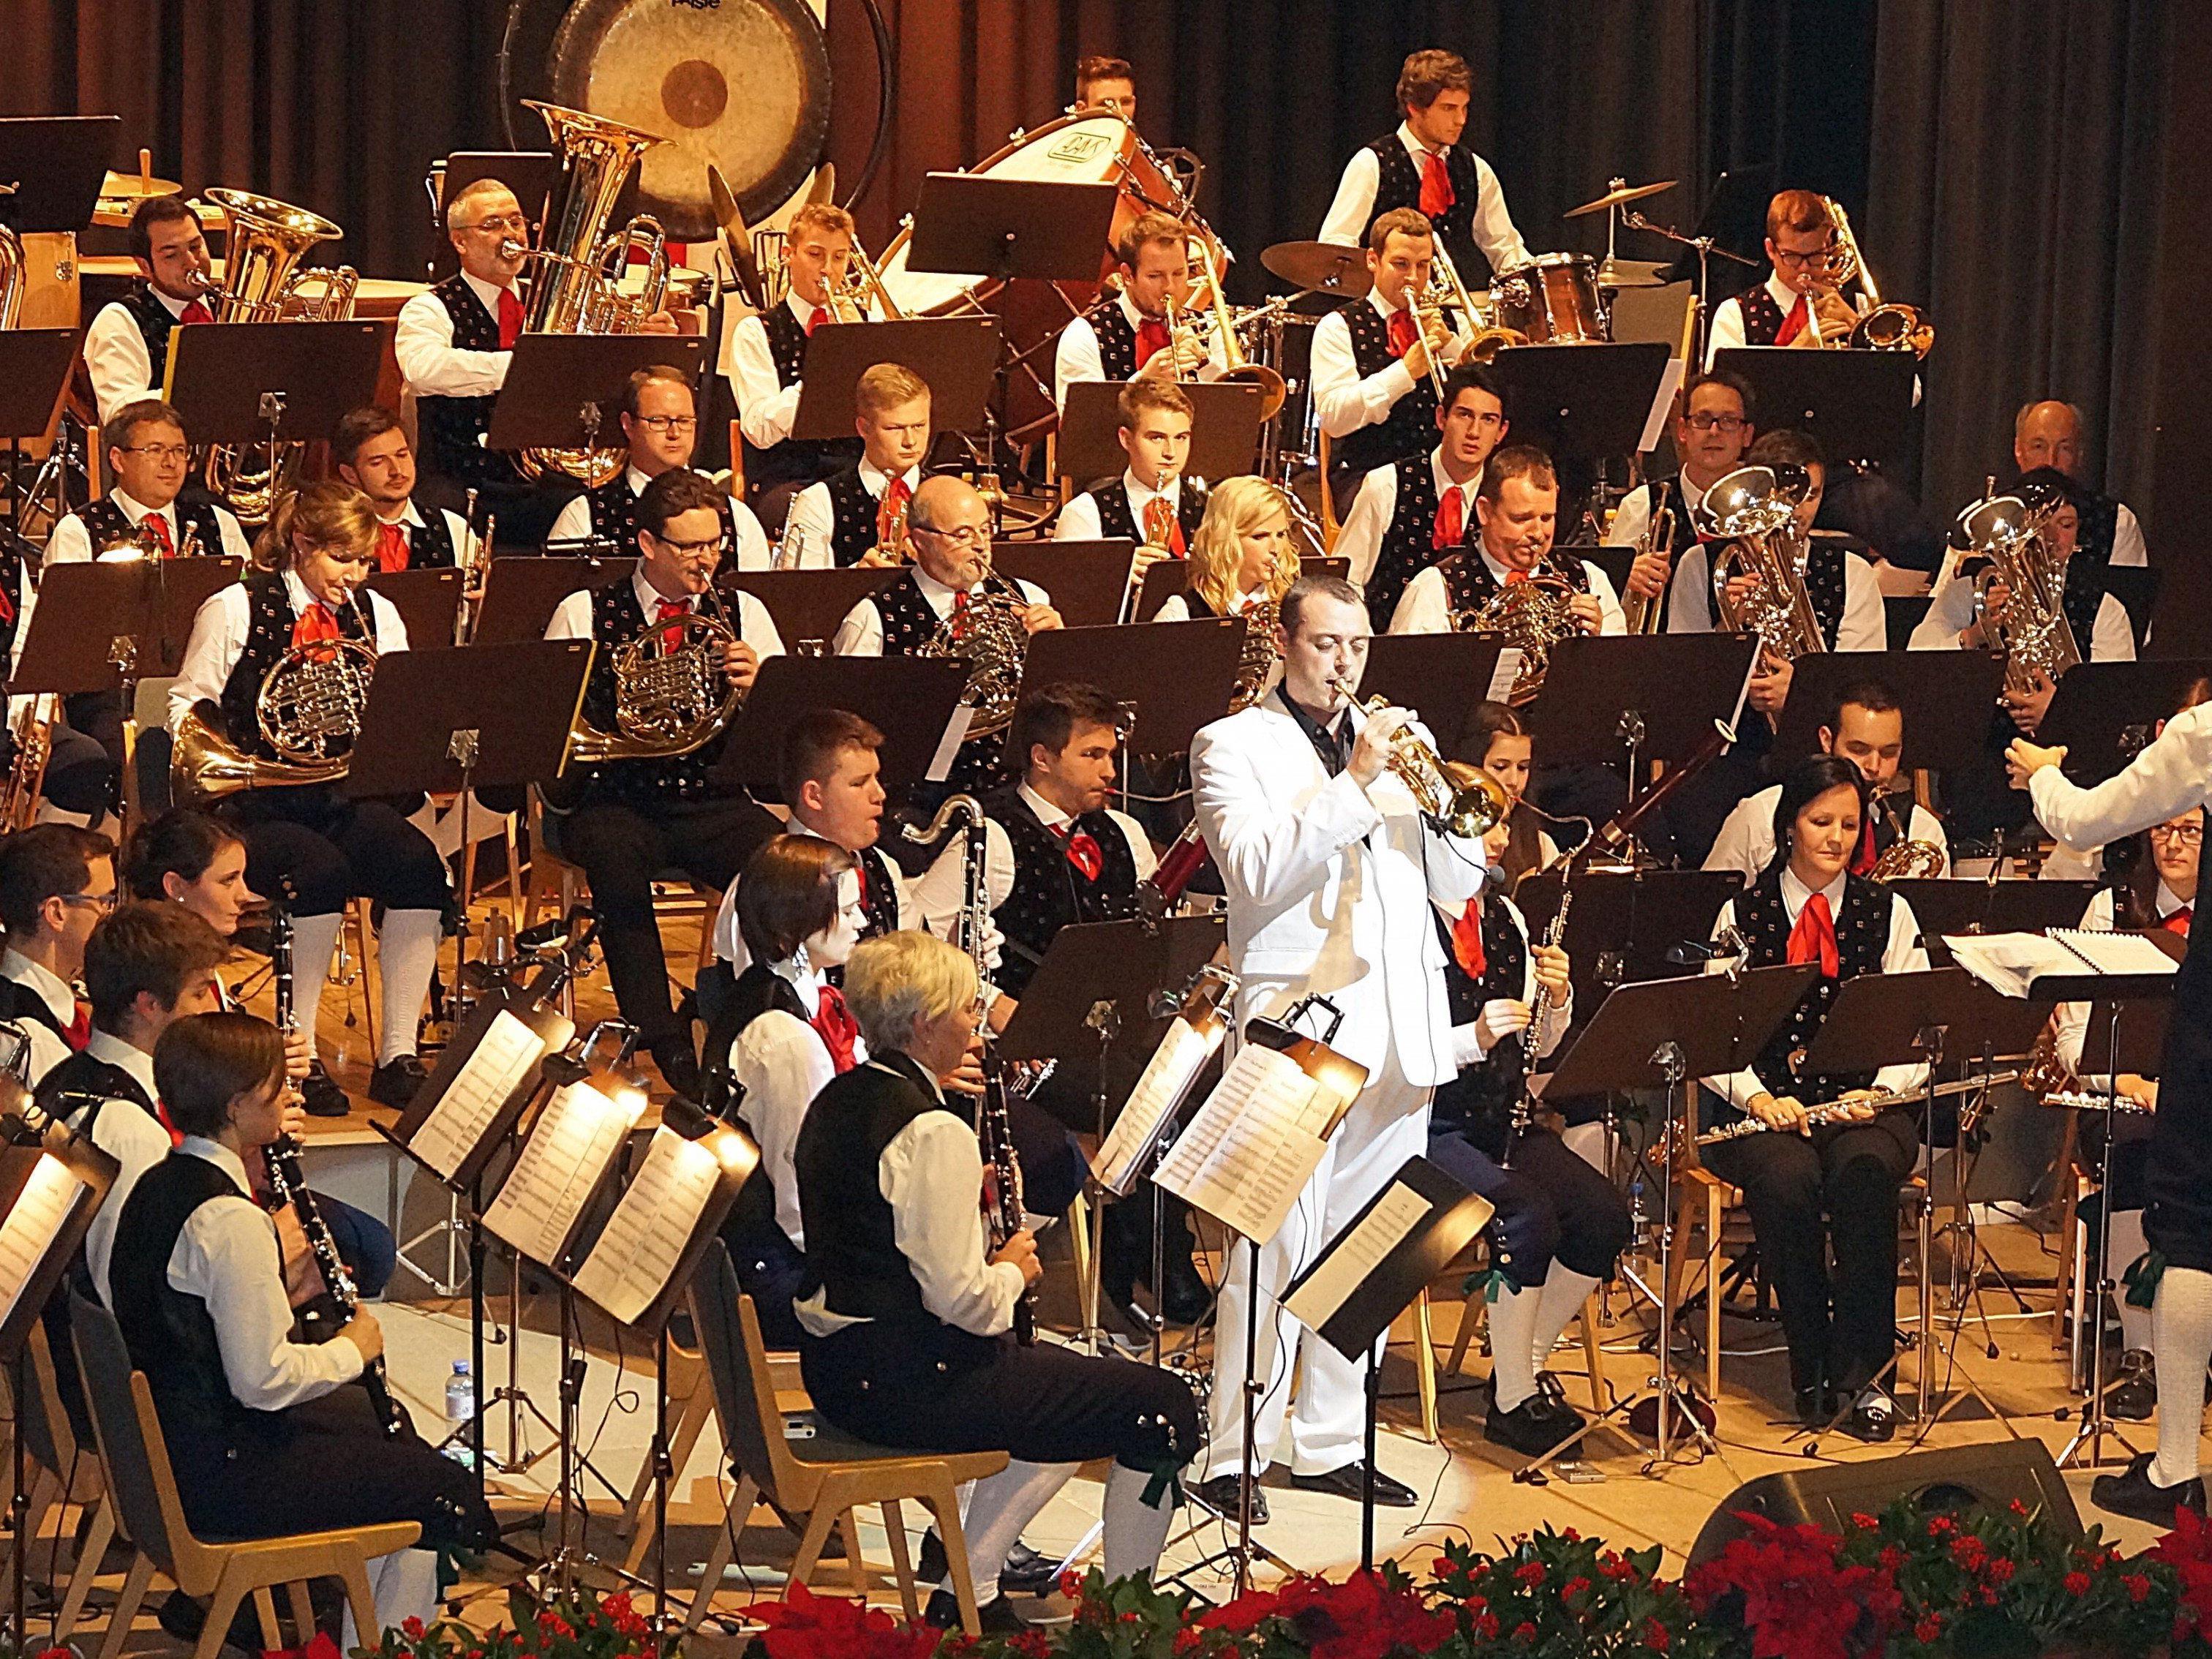 Beeindruckendes Cäciliakonzert der Stadtmusik Bludenz